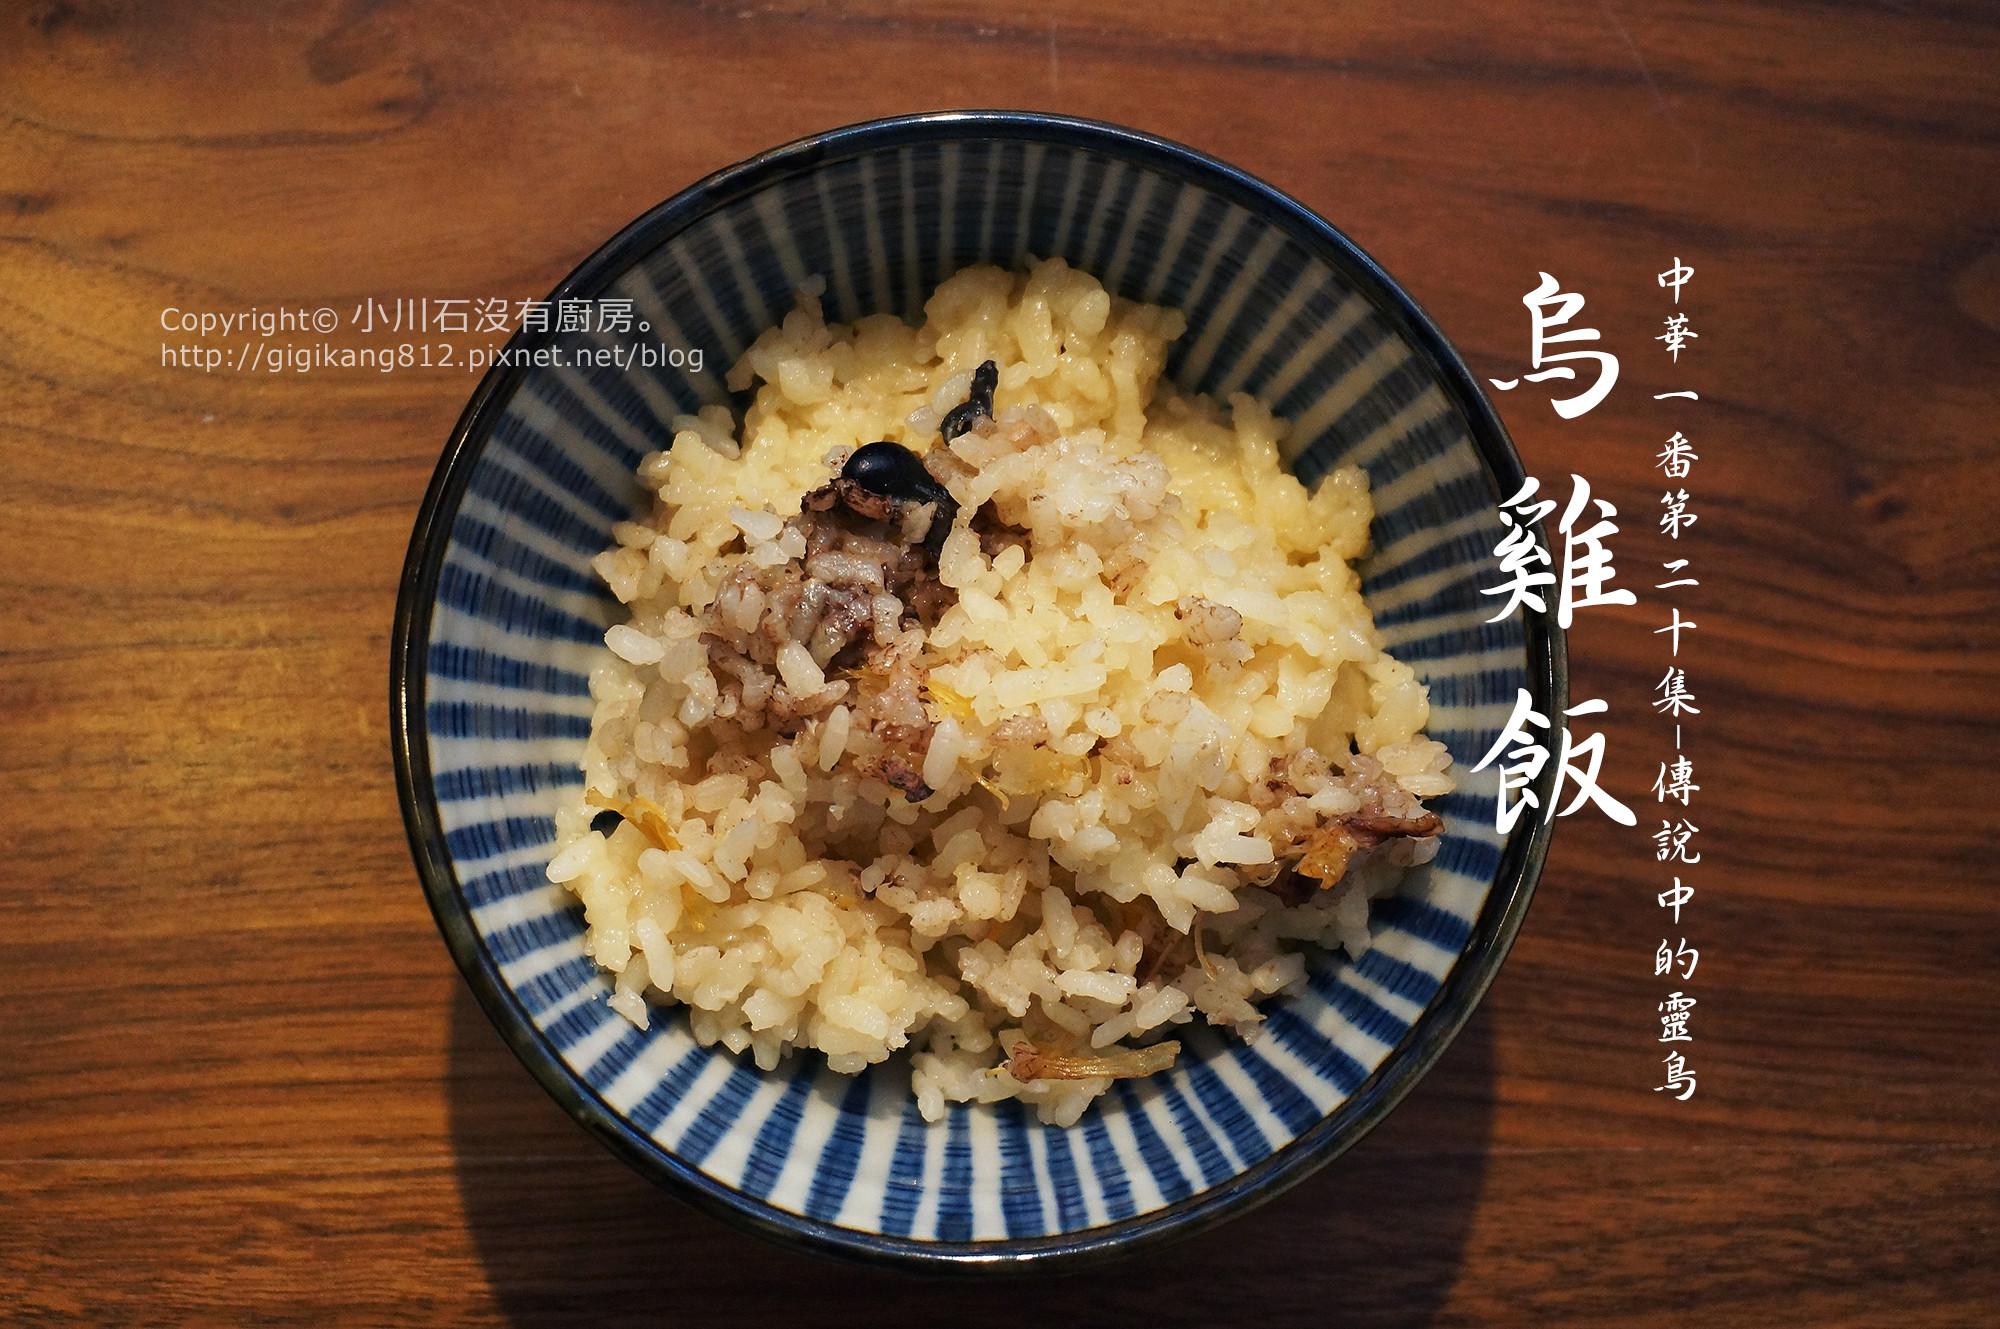 中華一番小當家-傳說中的靈鳥《烏雞飯》